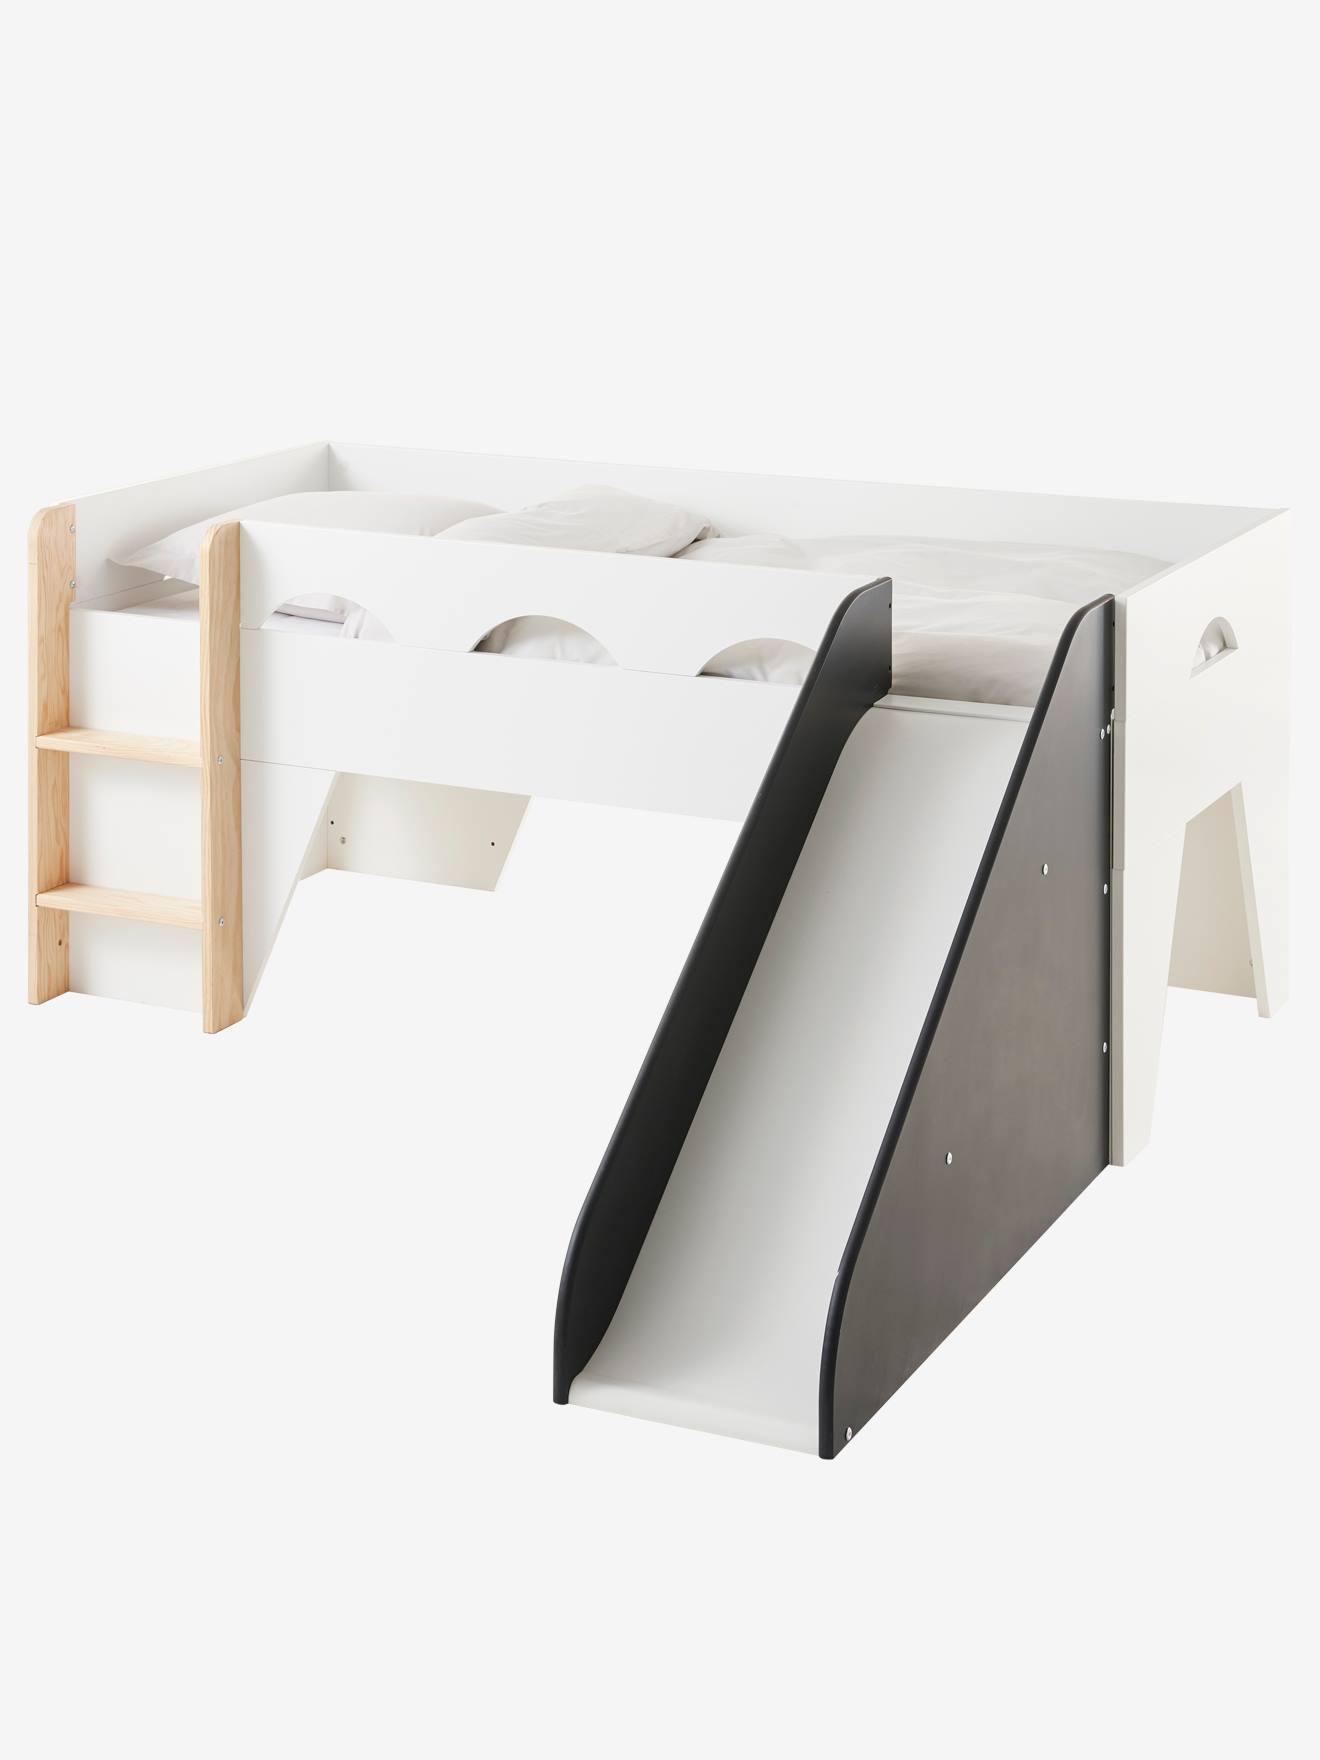 Full Size of Babybett Schwarz Schwarzes Bett Schwarze Küche Weiß 180x200 Wohnzimmer Babybett Schwarz